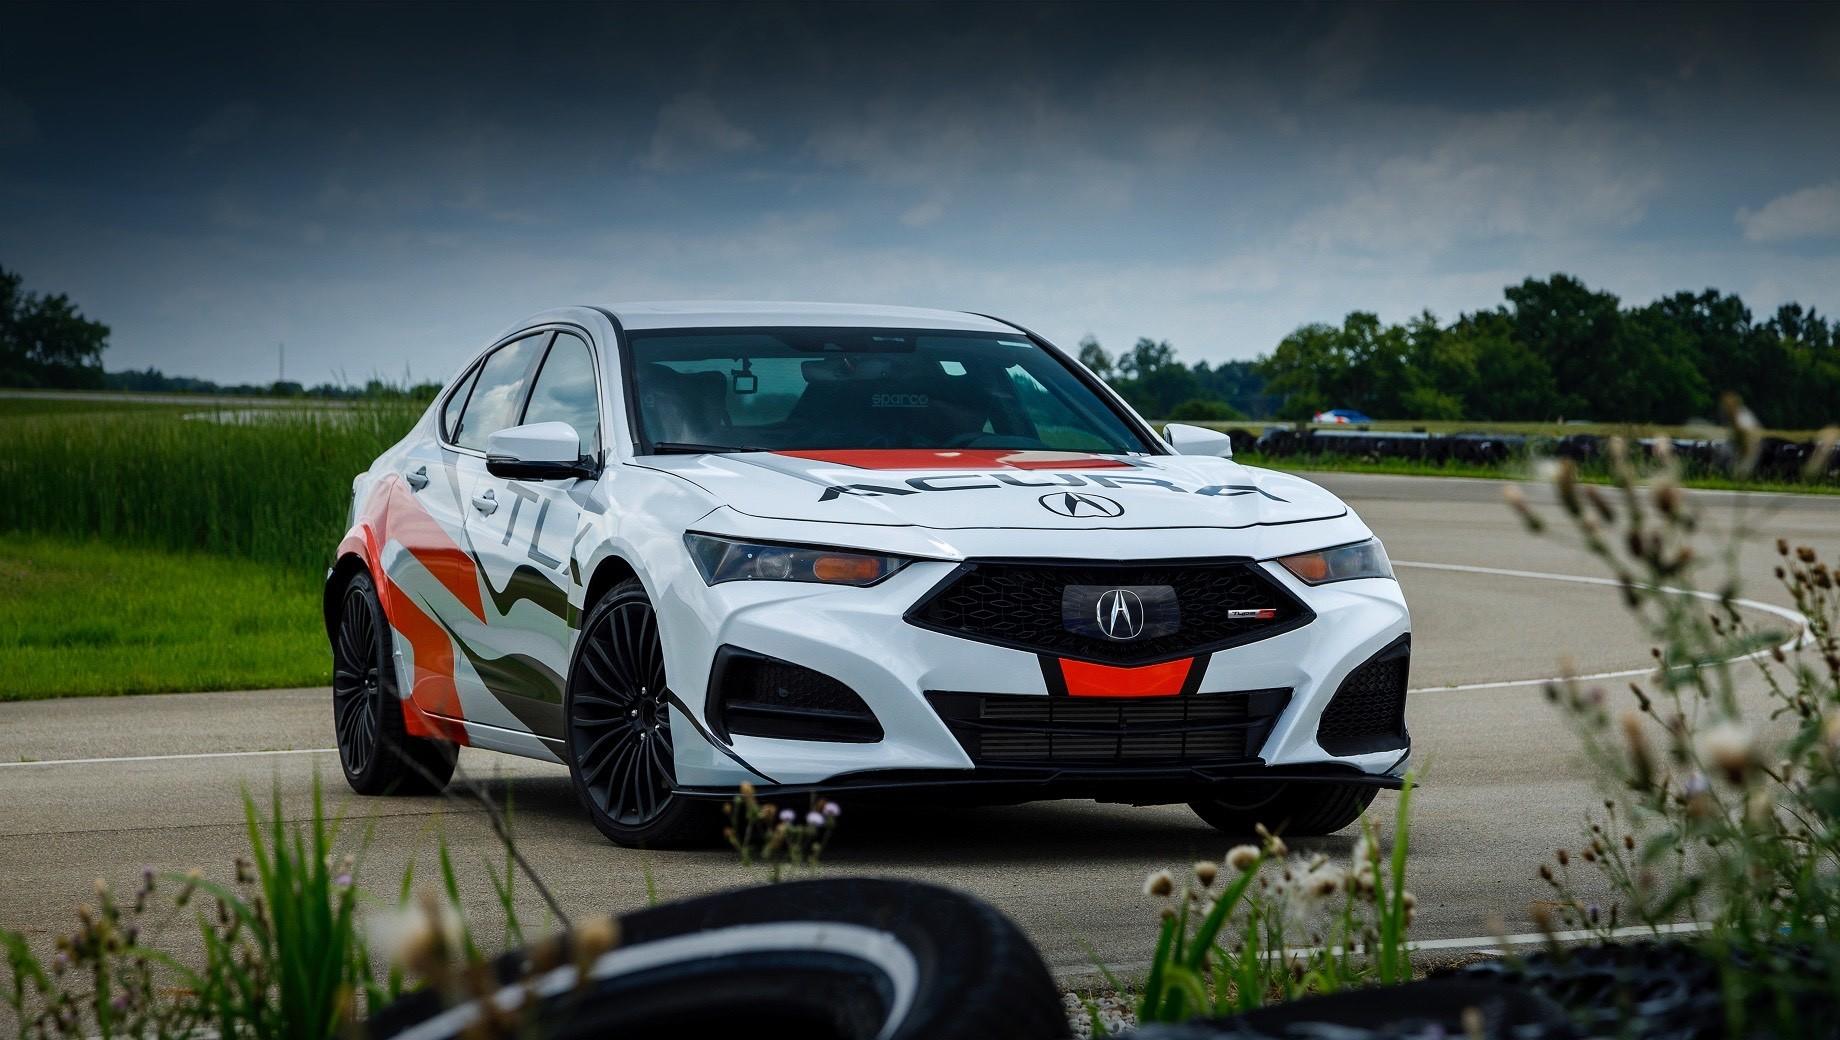 Acura tlx,Acura tlx type s. Предсерийный седан Acura TLX Type S, который примет участие в Пайкс-Пике на правах пейс-кара, обзавёлся каркасом безопасности и системой пожаротушения. А за рулём окажется главный инженер отдела разработки шасси фирмы Acura Ник Робинсон.